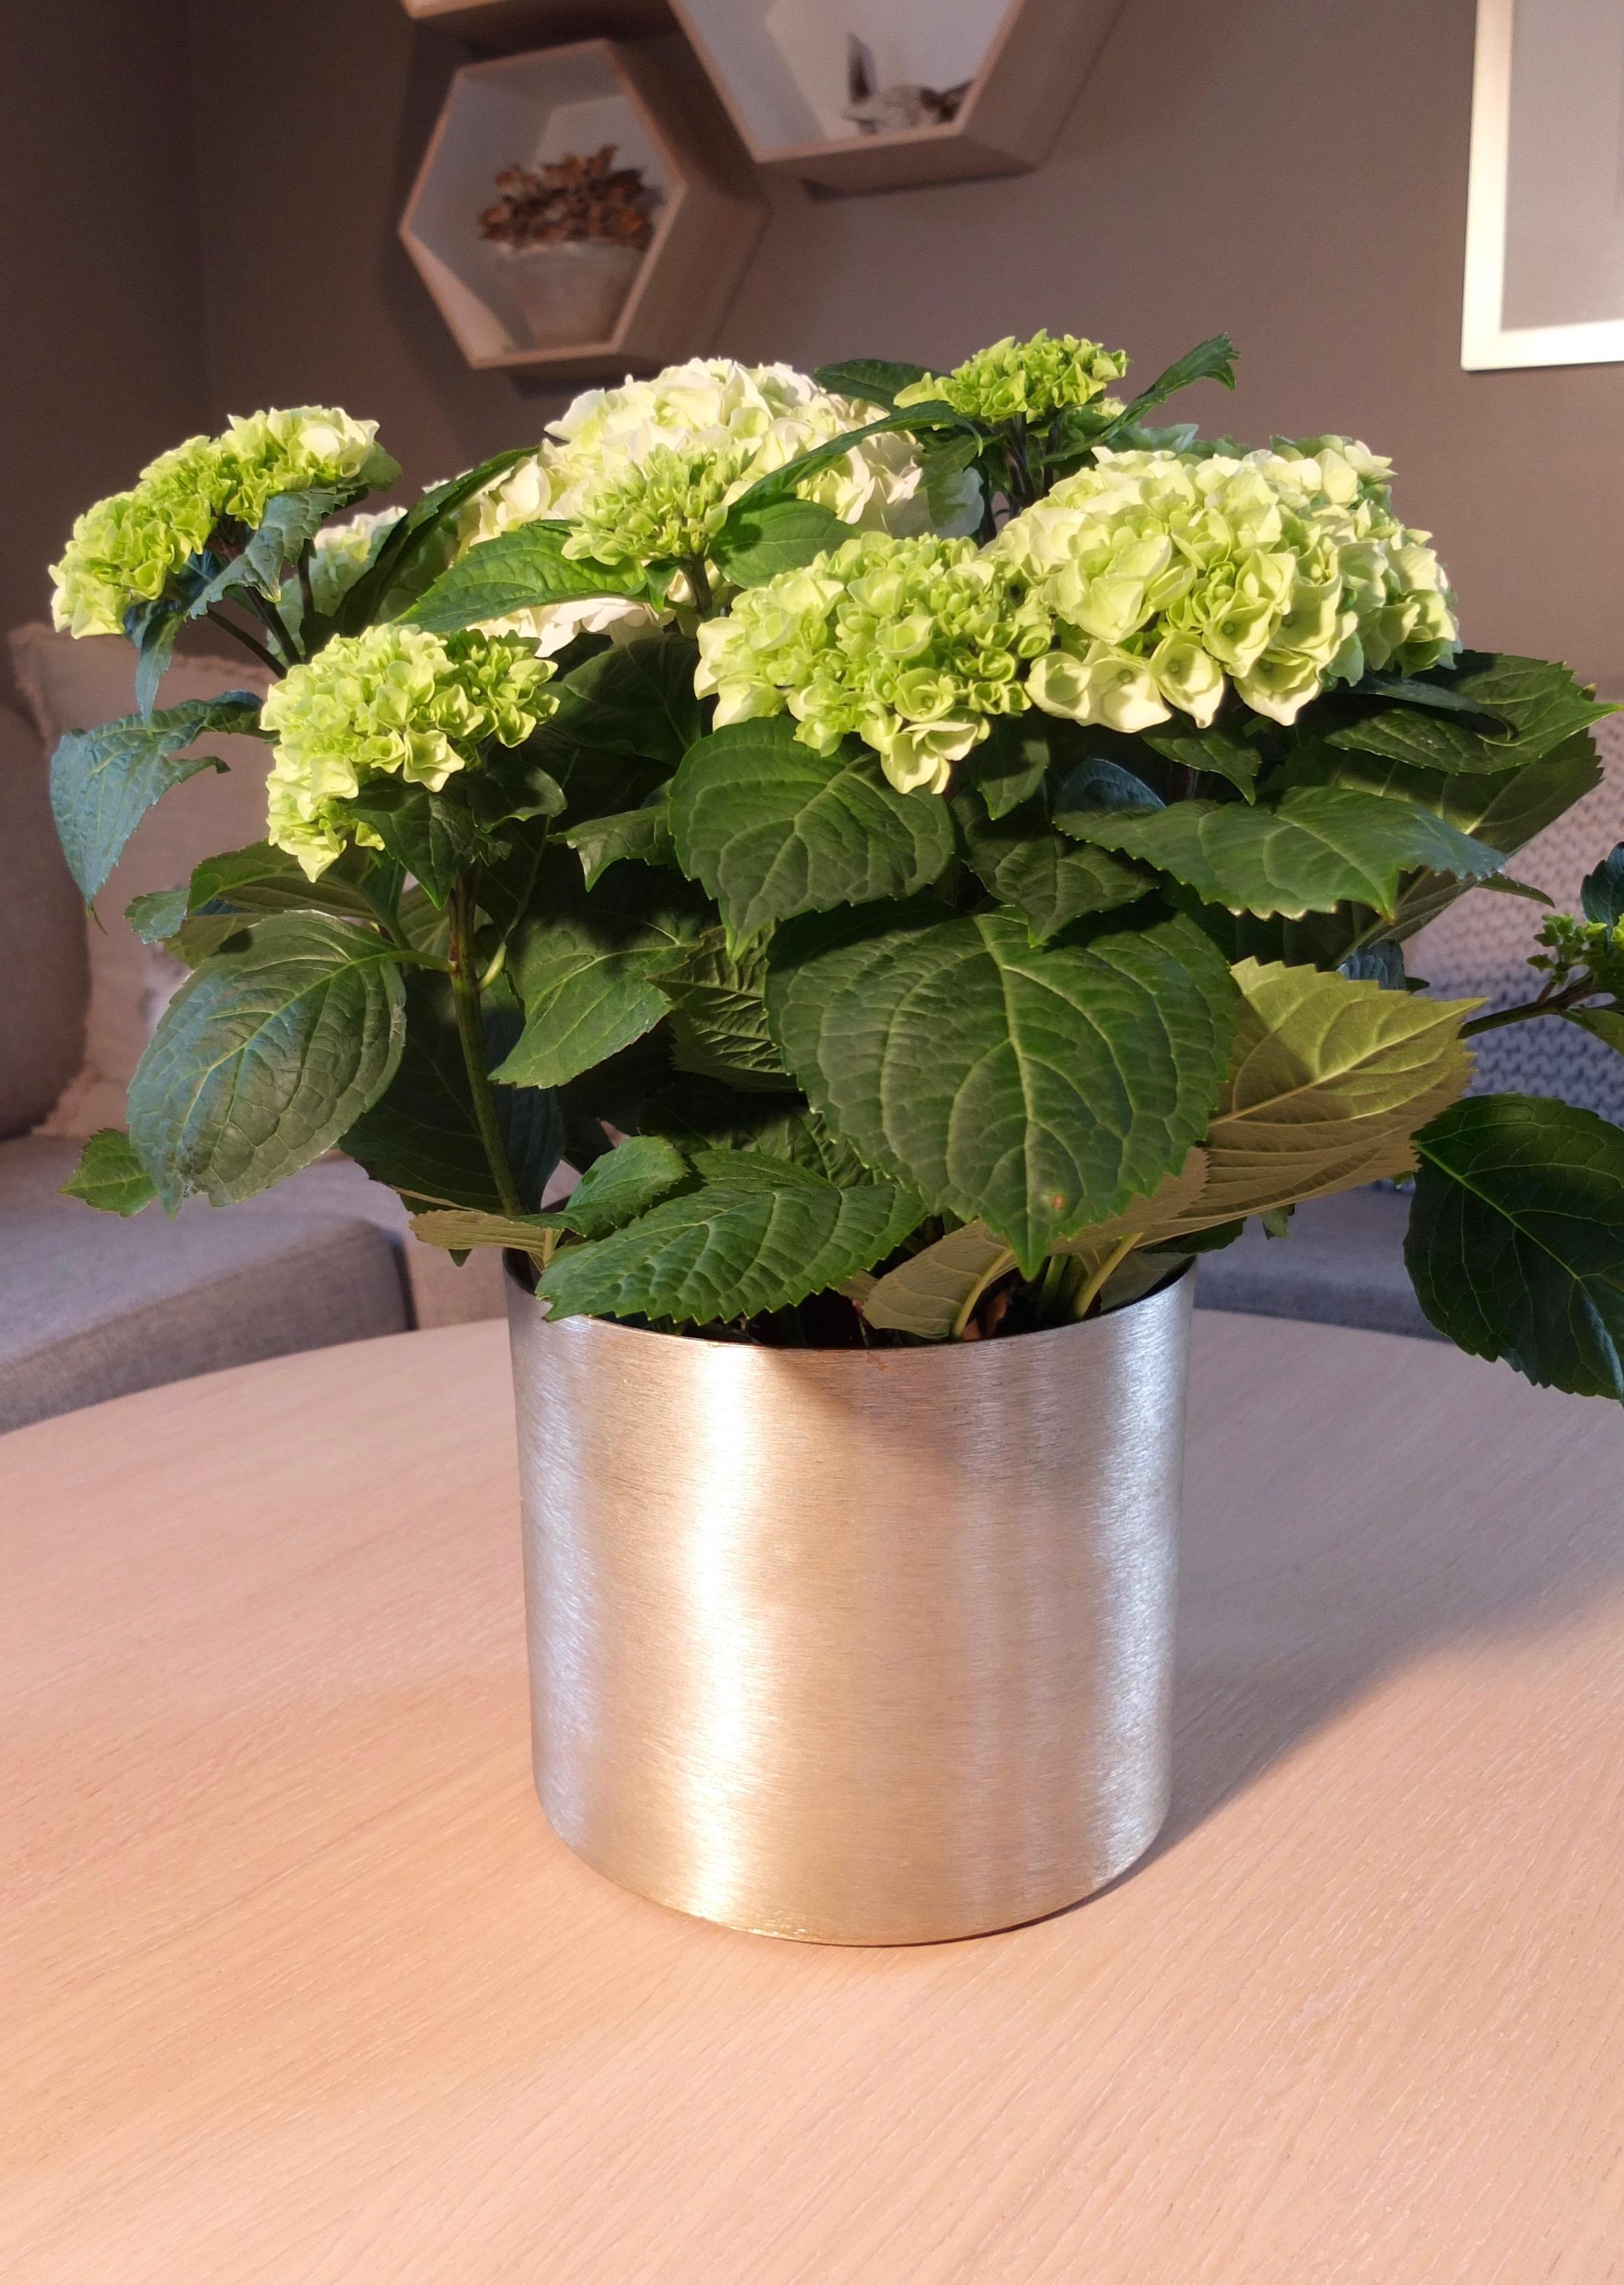 Vi kjøper Hortensia i full blomst, enten som potteplante, snittblomst eller utplantingsplante